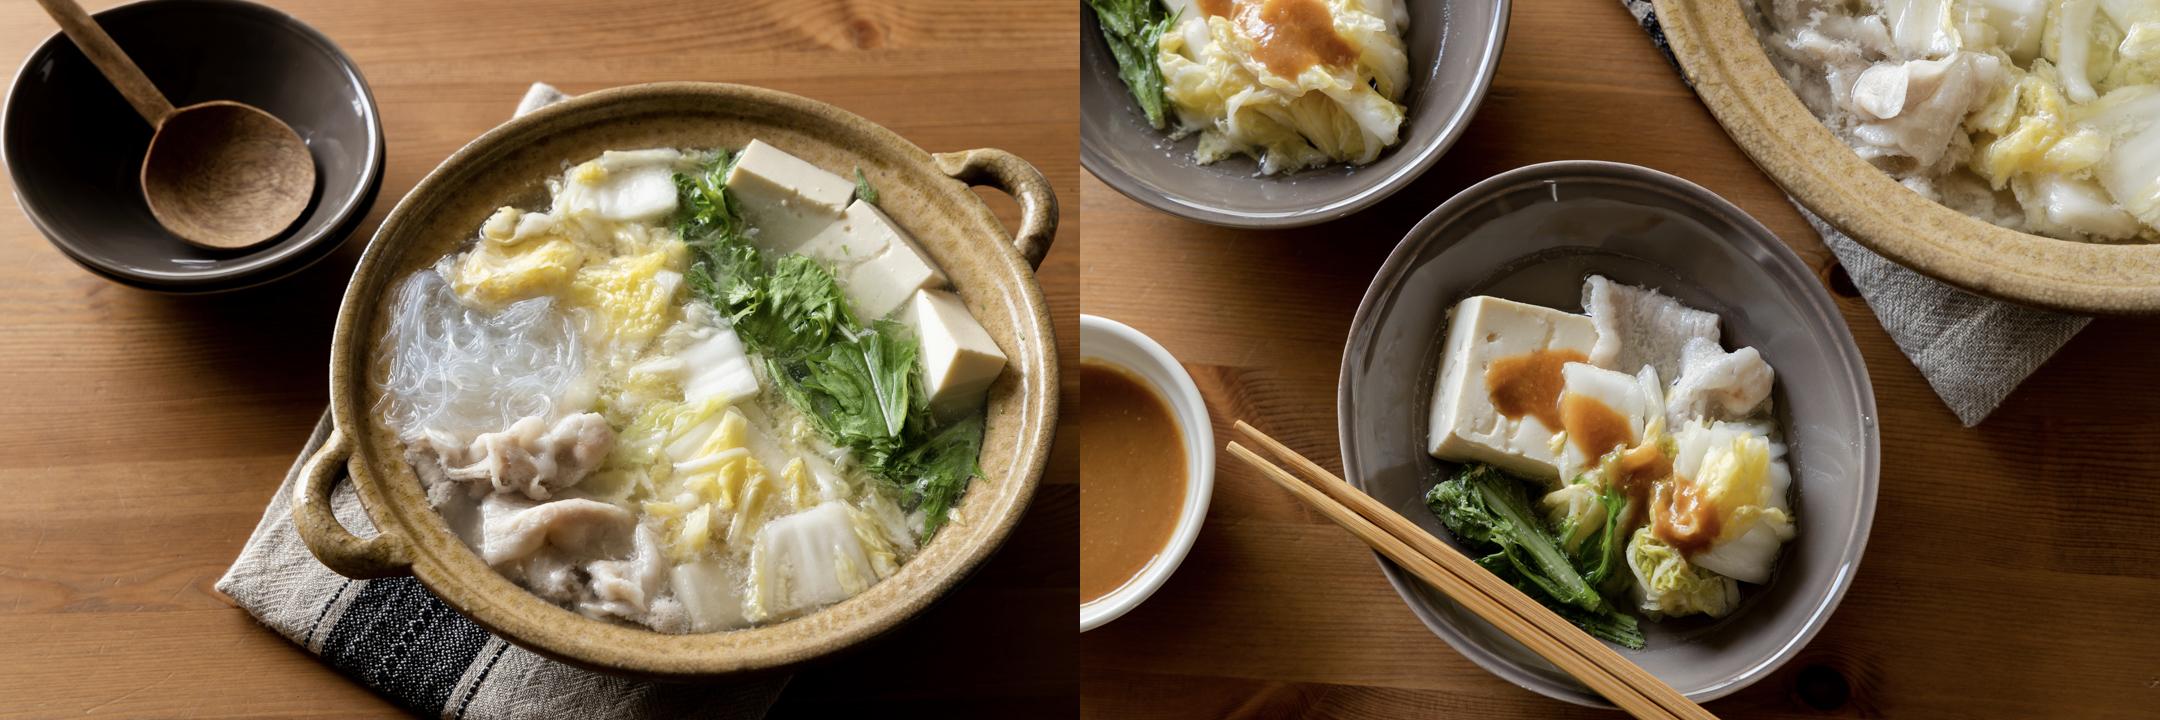 2位 白菜の発酵鍋